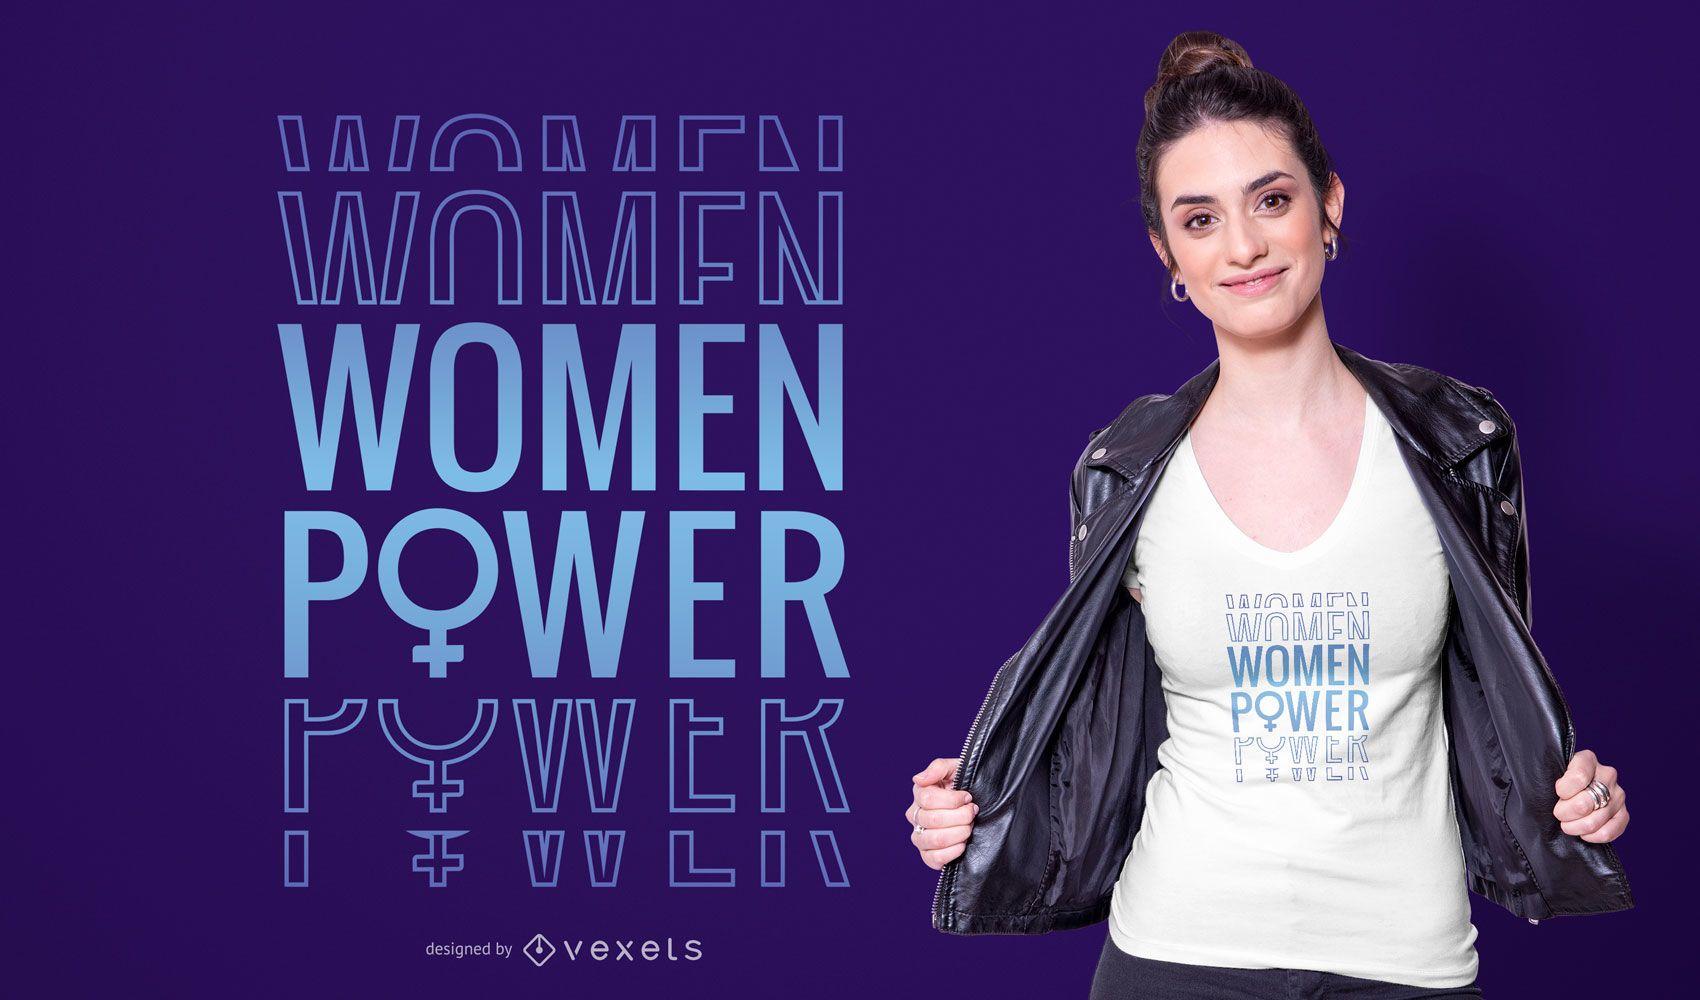 Women power t-shirt design